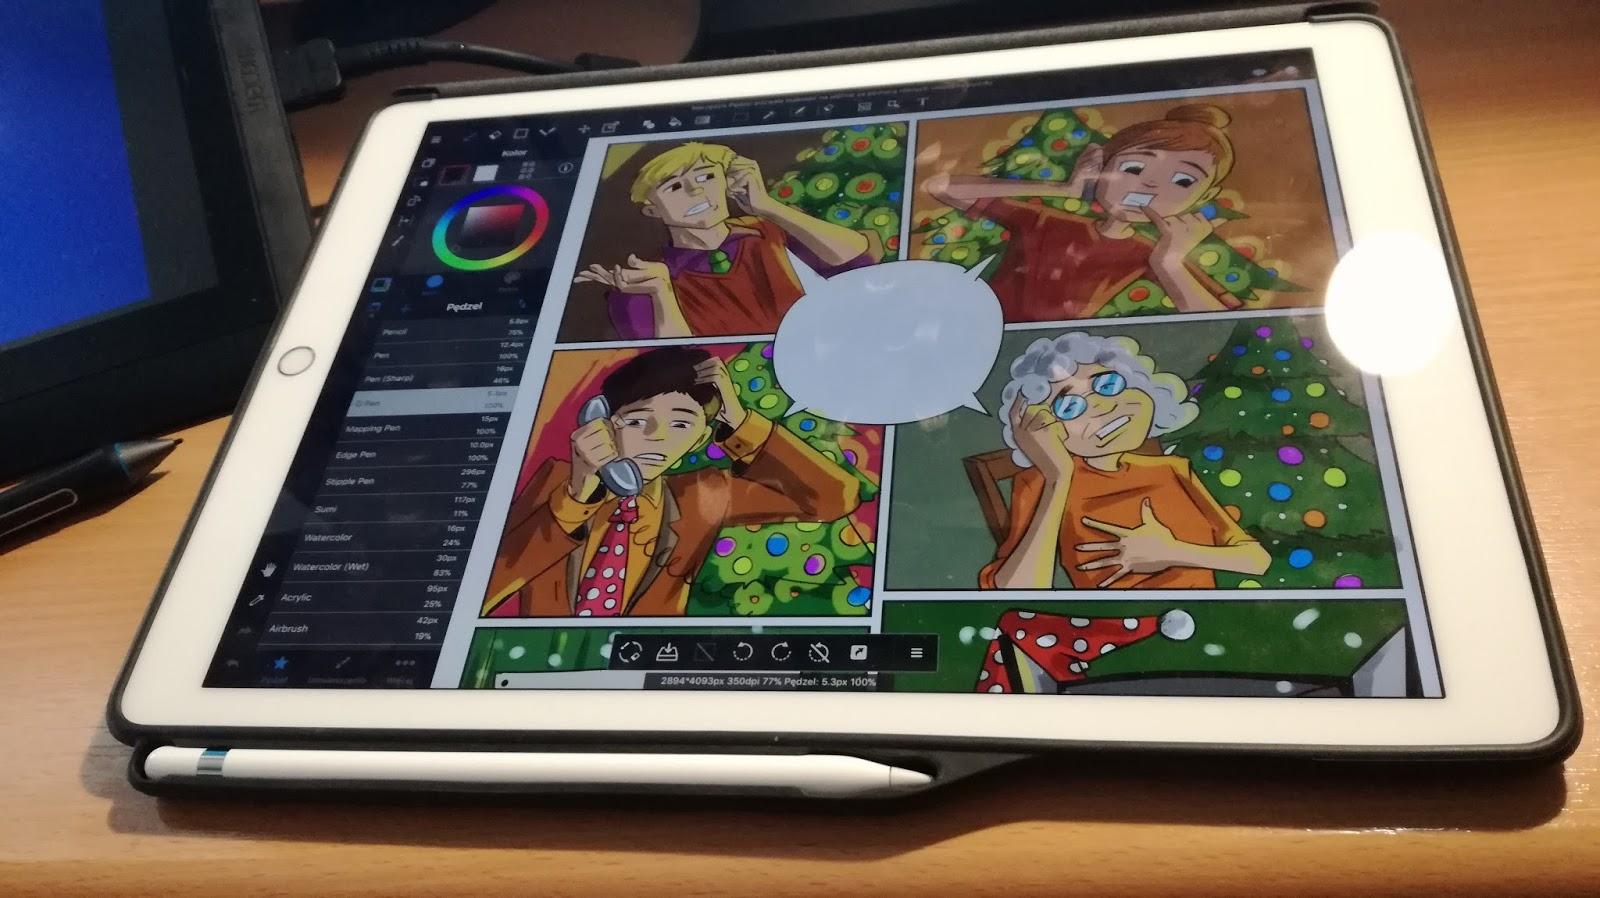 Przygody rysownika : iPad pro 12,9 - Doskonały tablet dla